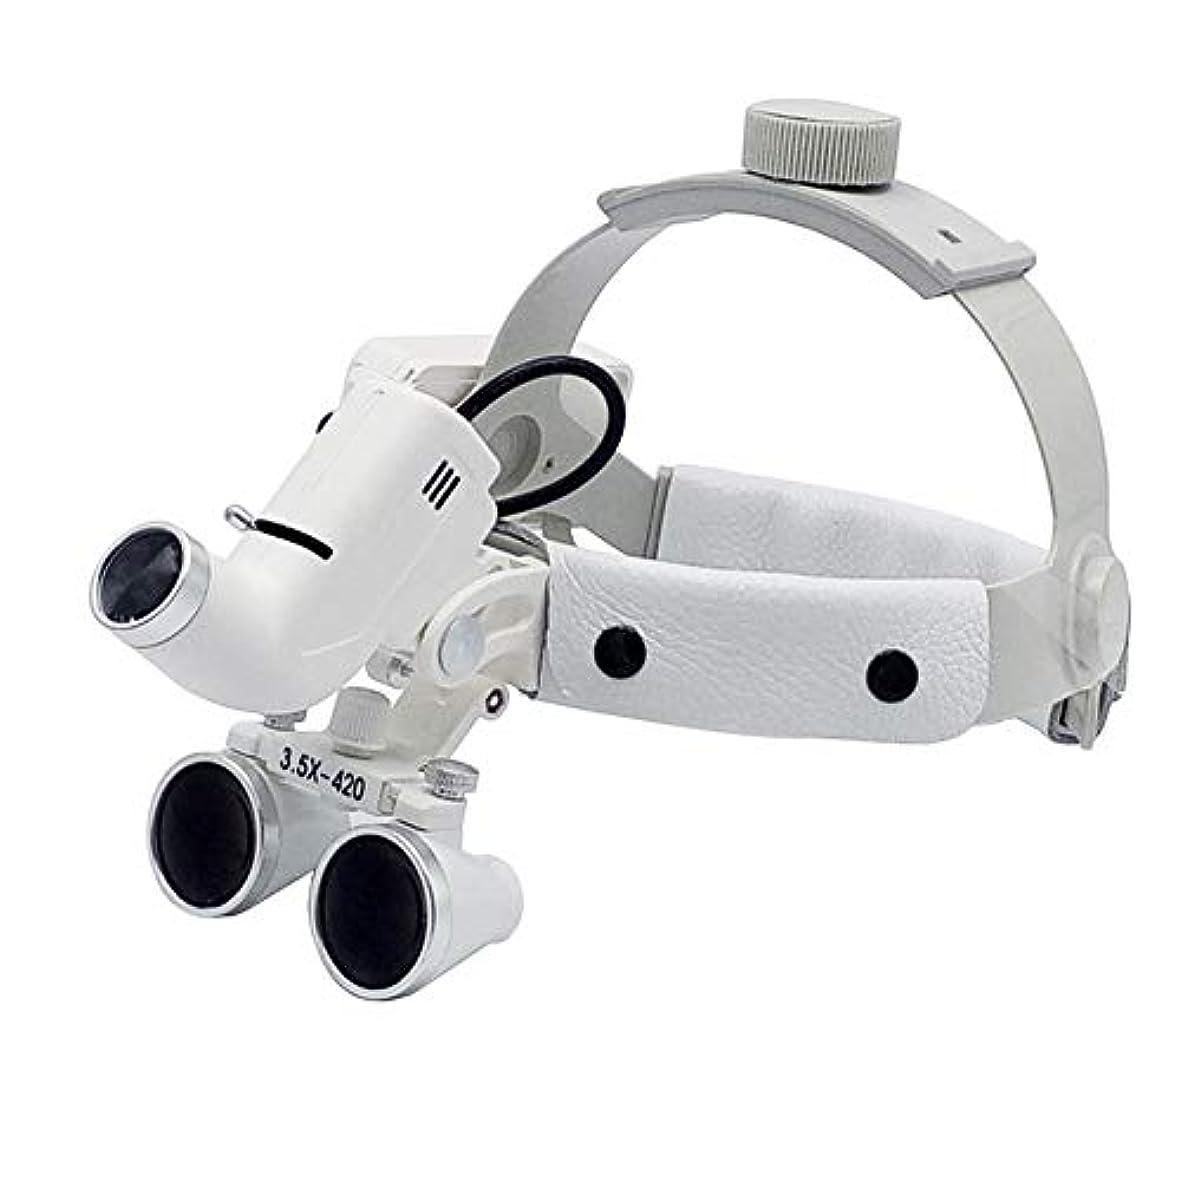 差脆い洞察力LED外科ヘッドライト3.5X420mmレザーヘッドバンド双眼ルーペメガネヘッドバンド拡大鏡高輝度ランプ